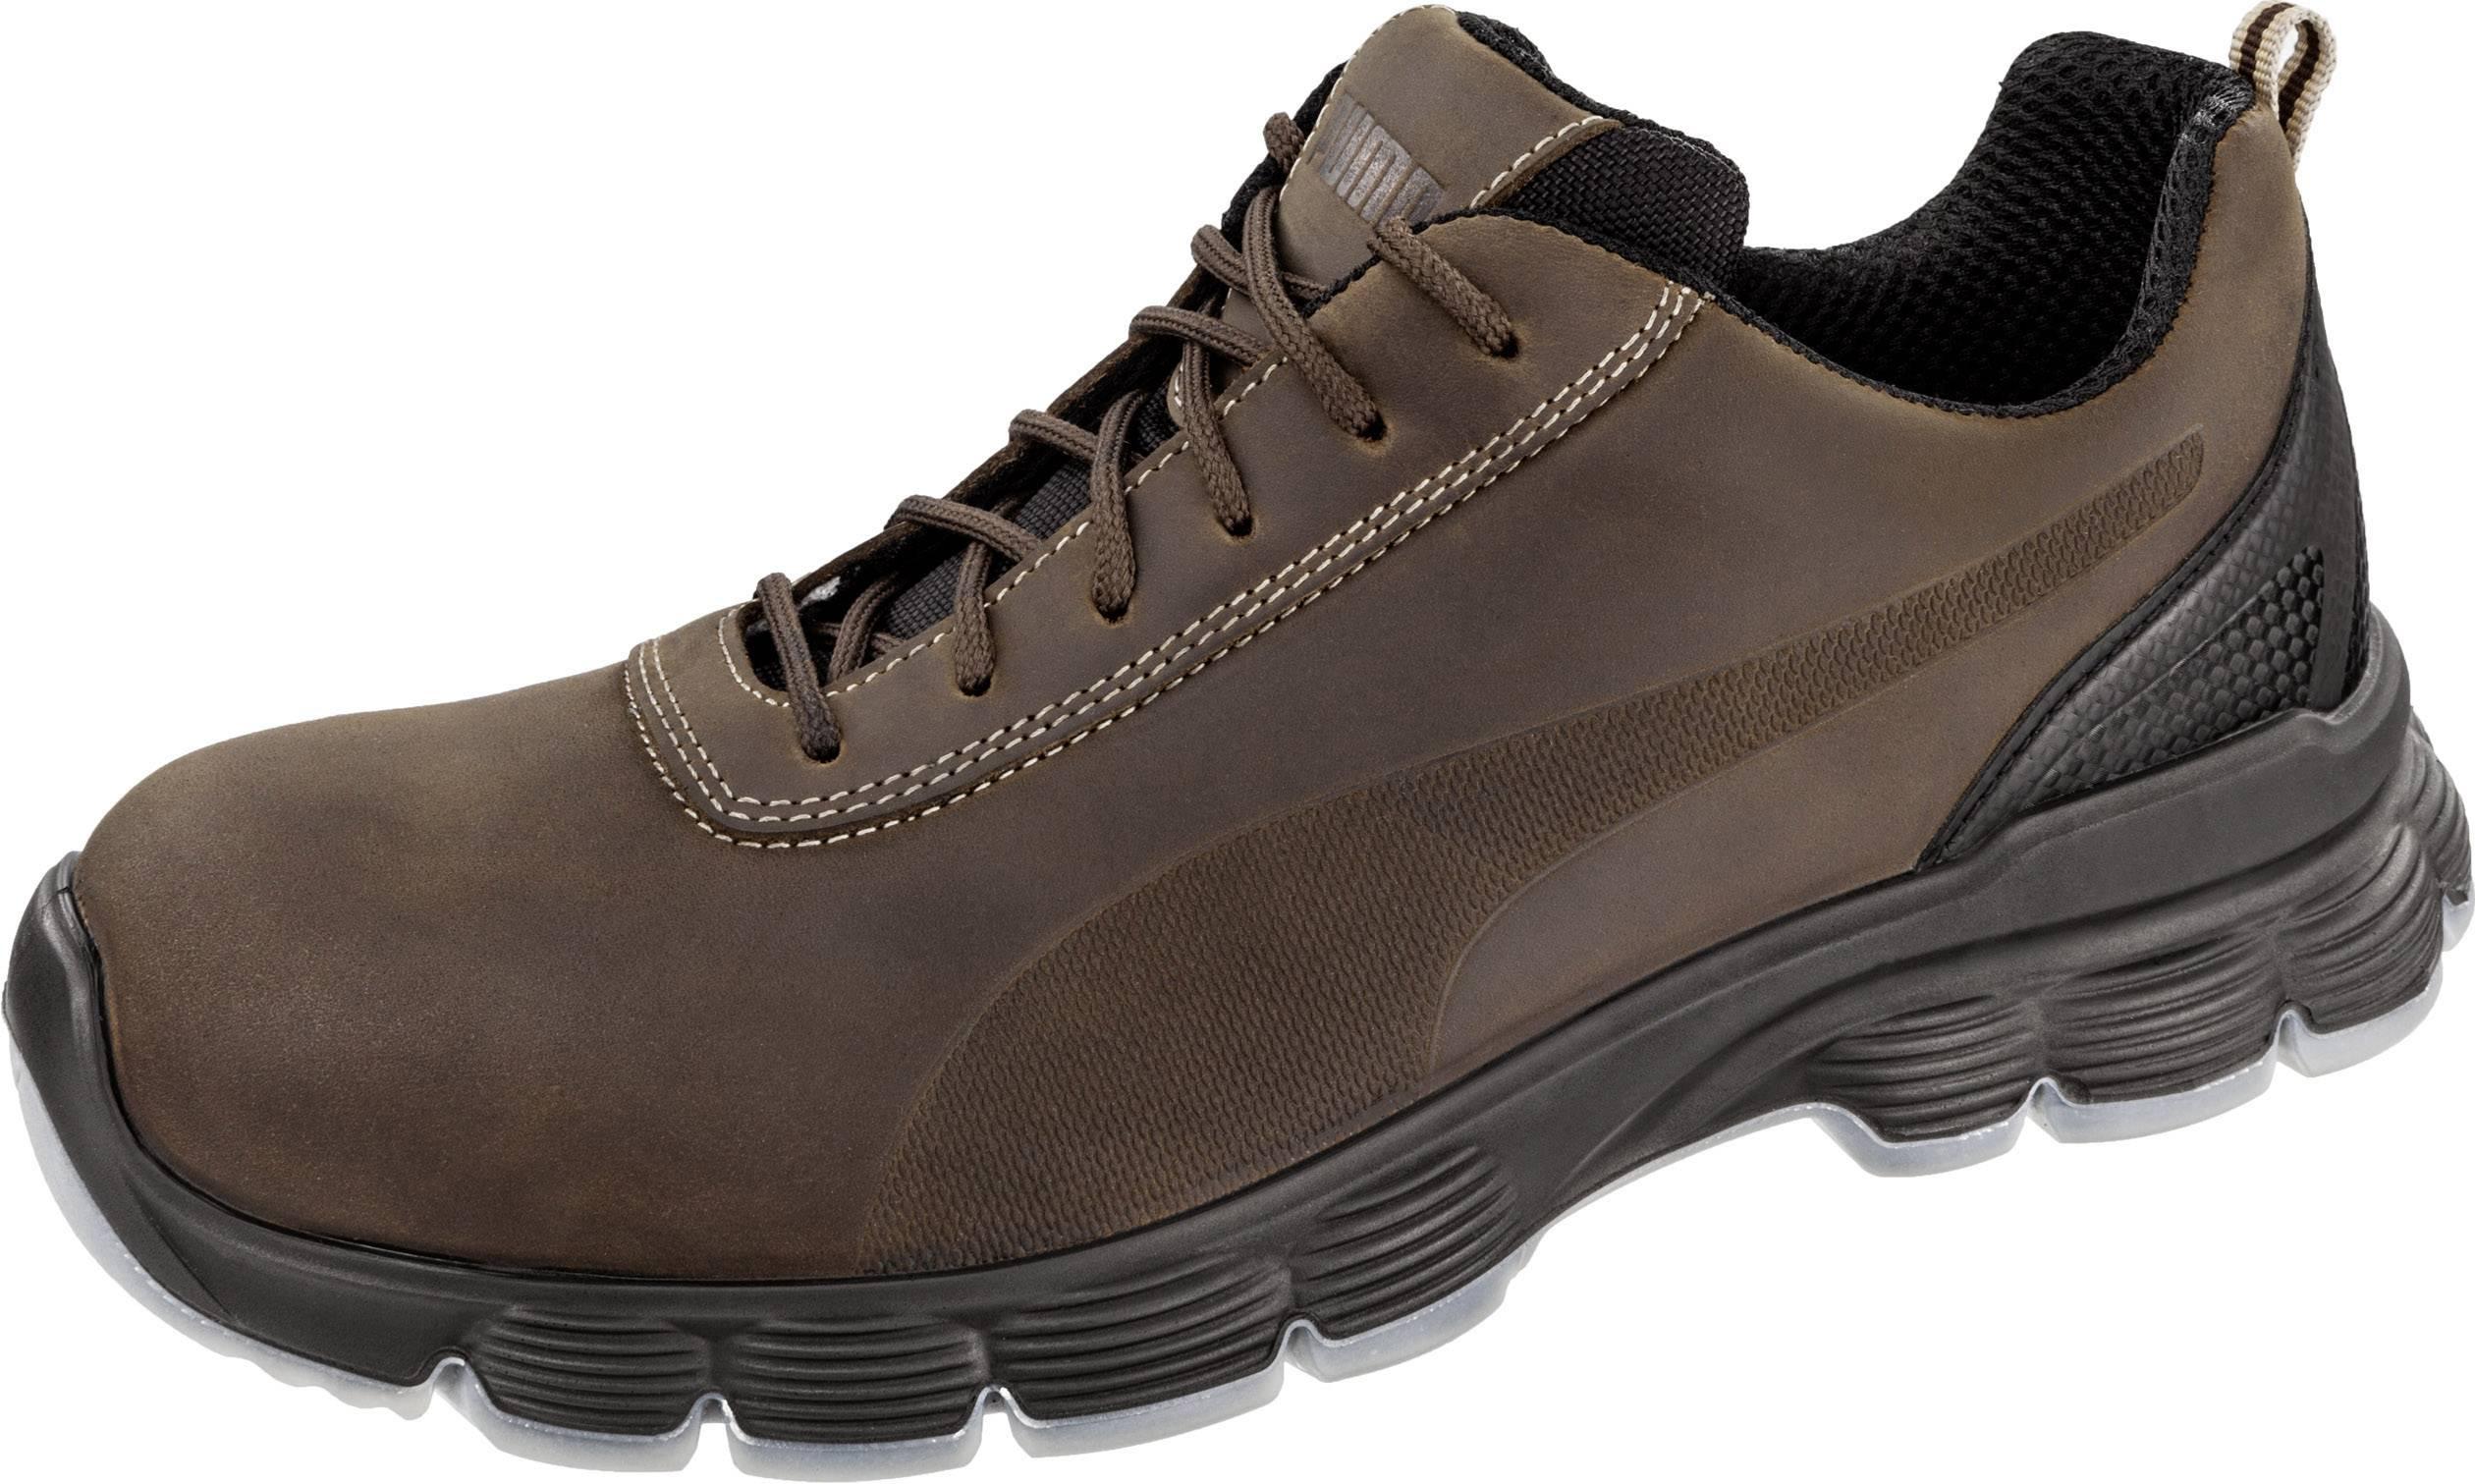 Chaussures de sécurité basses S3 PUMA Condor Low 640542